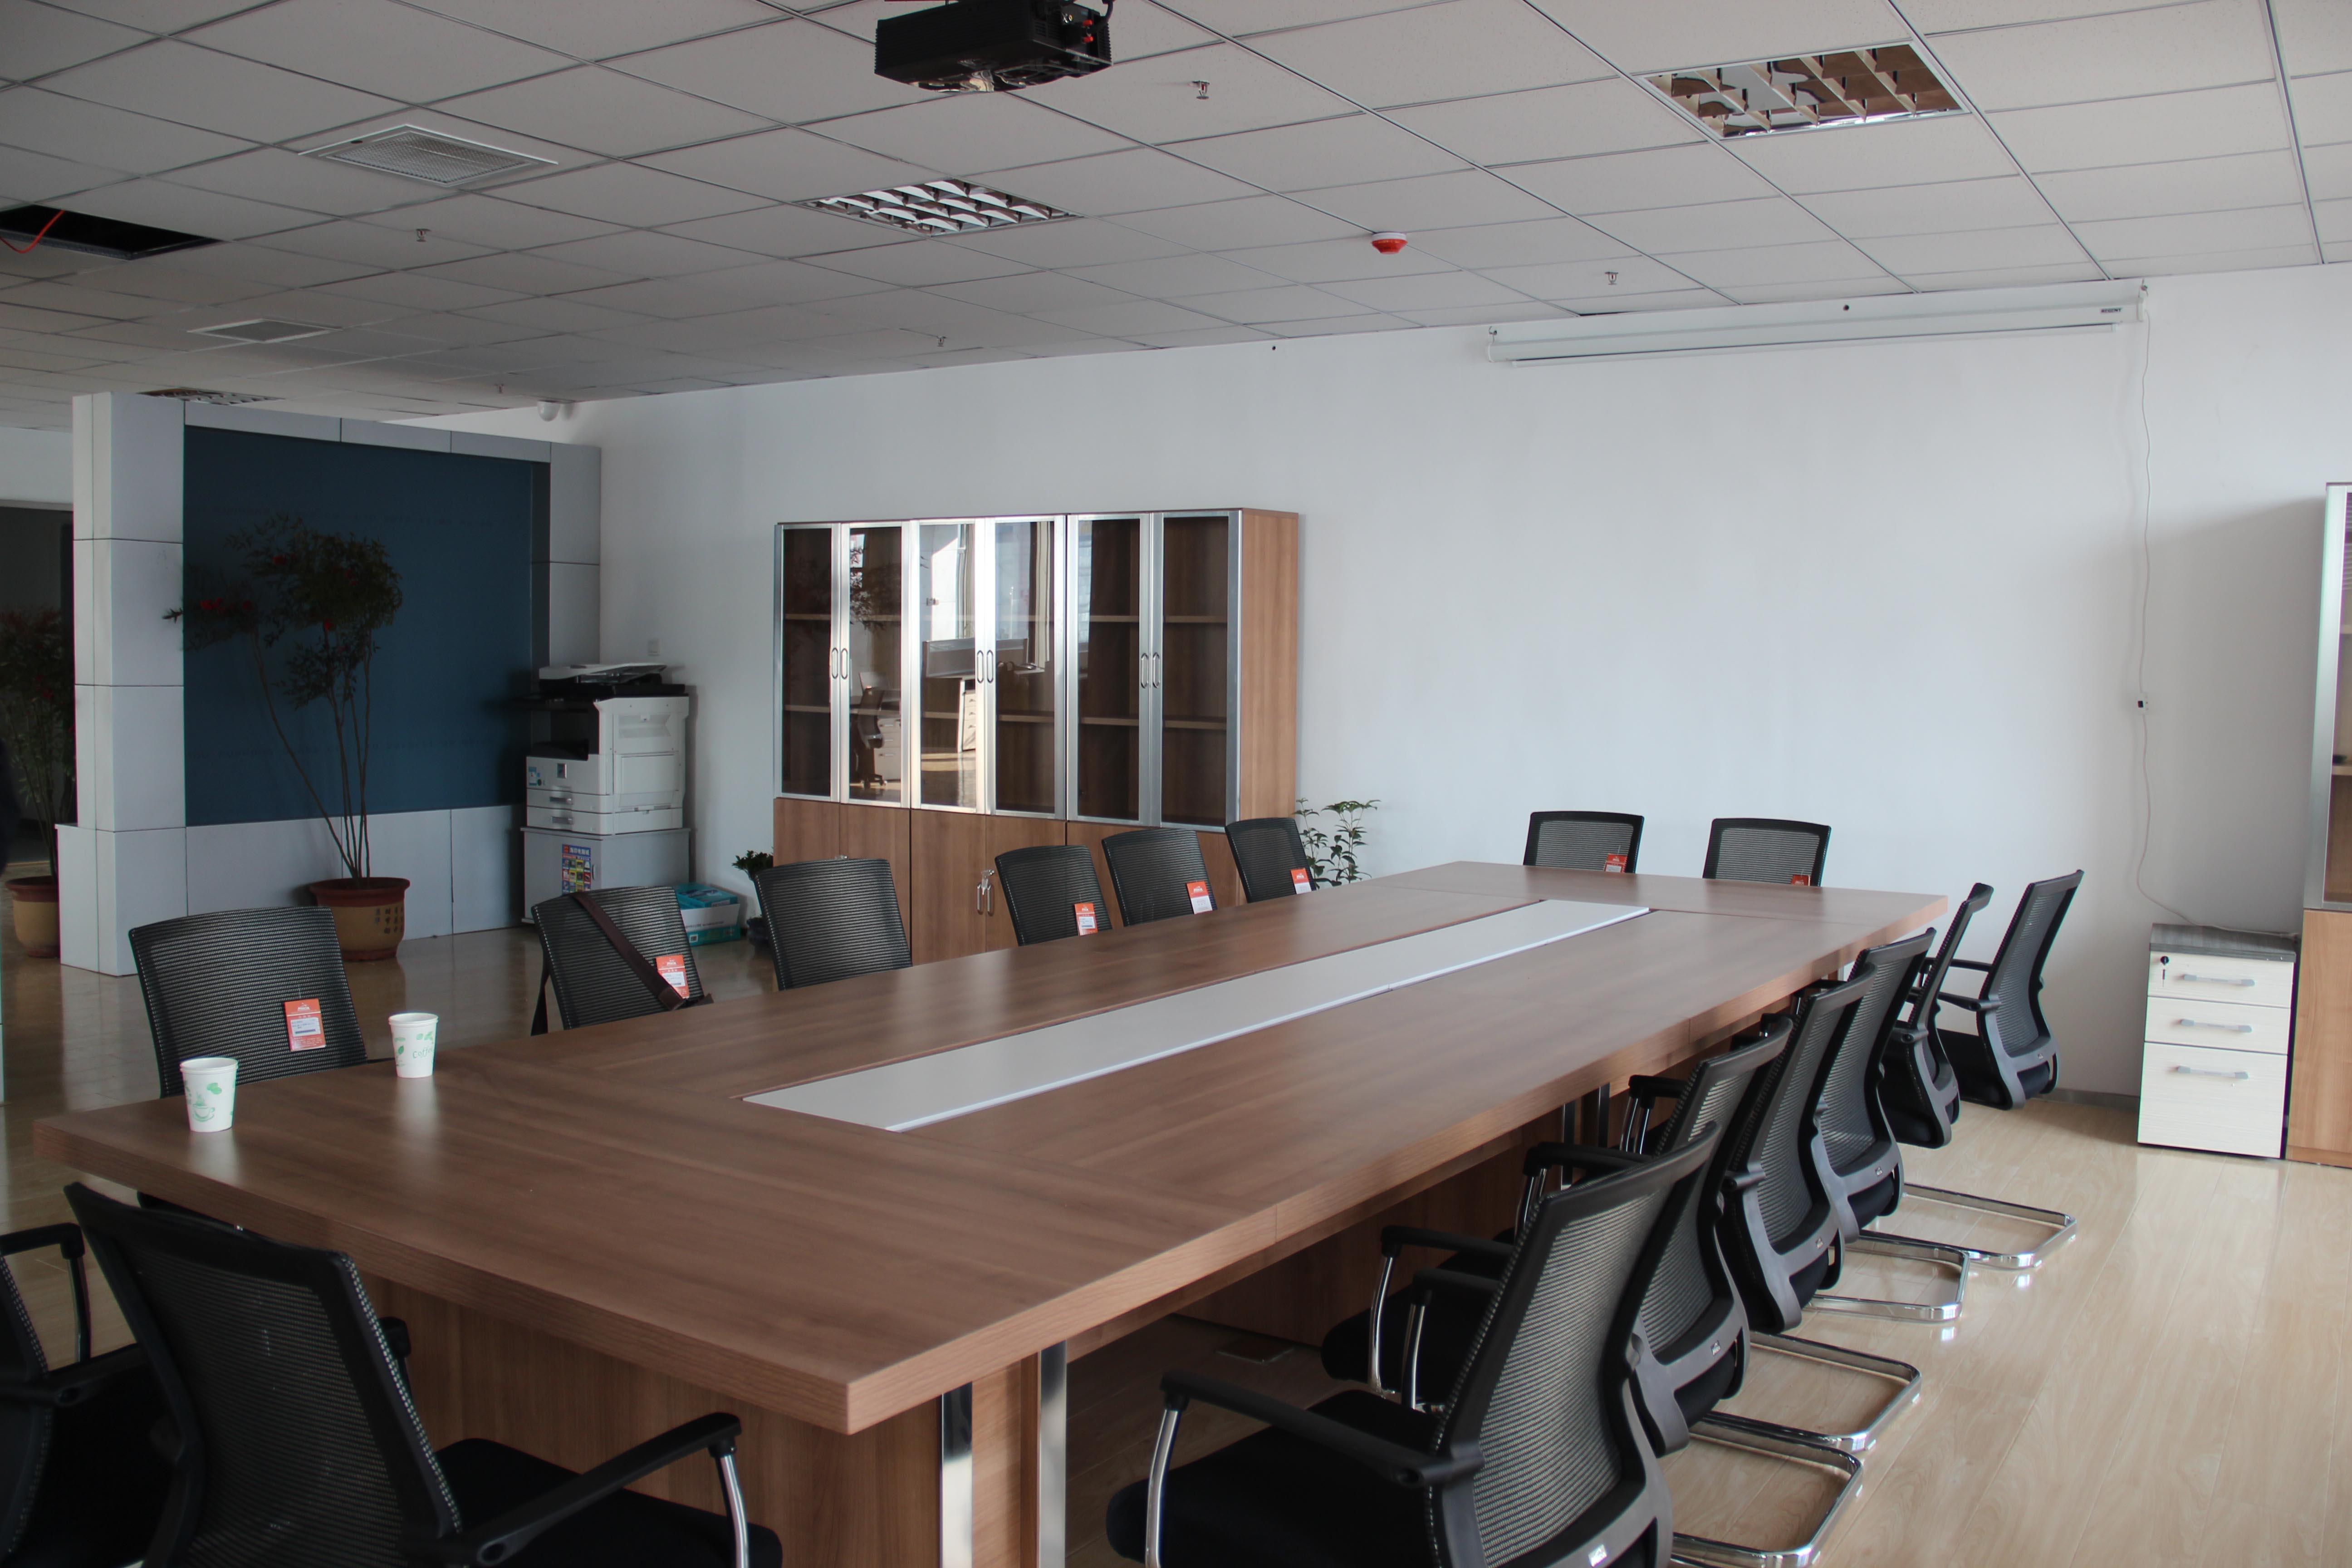 胶州分所会议室